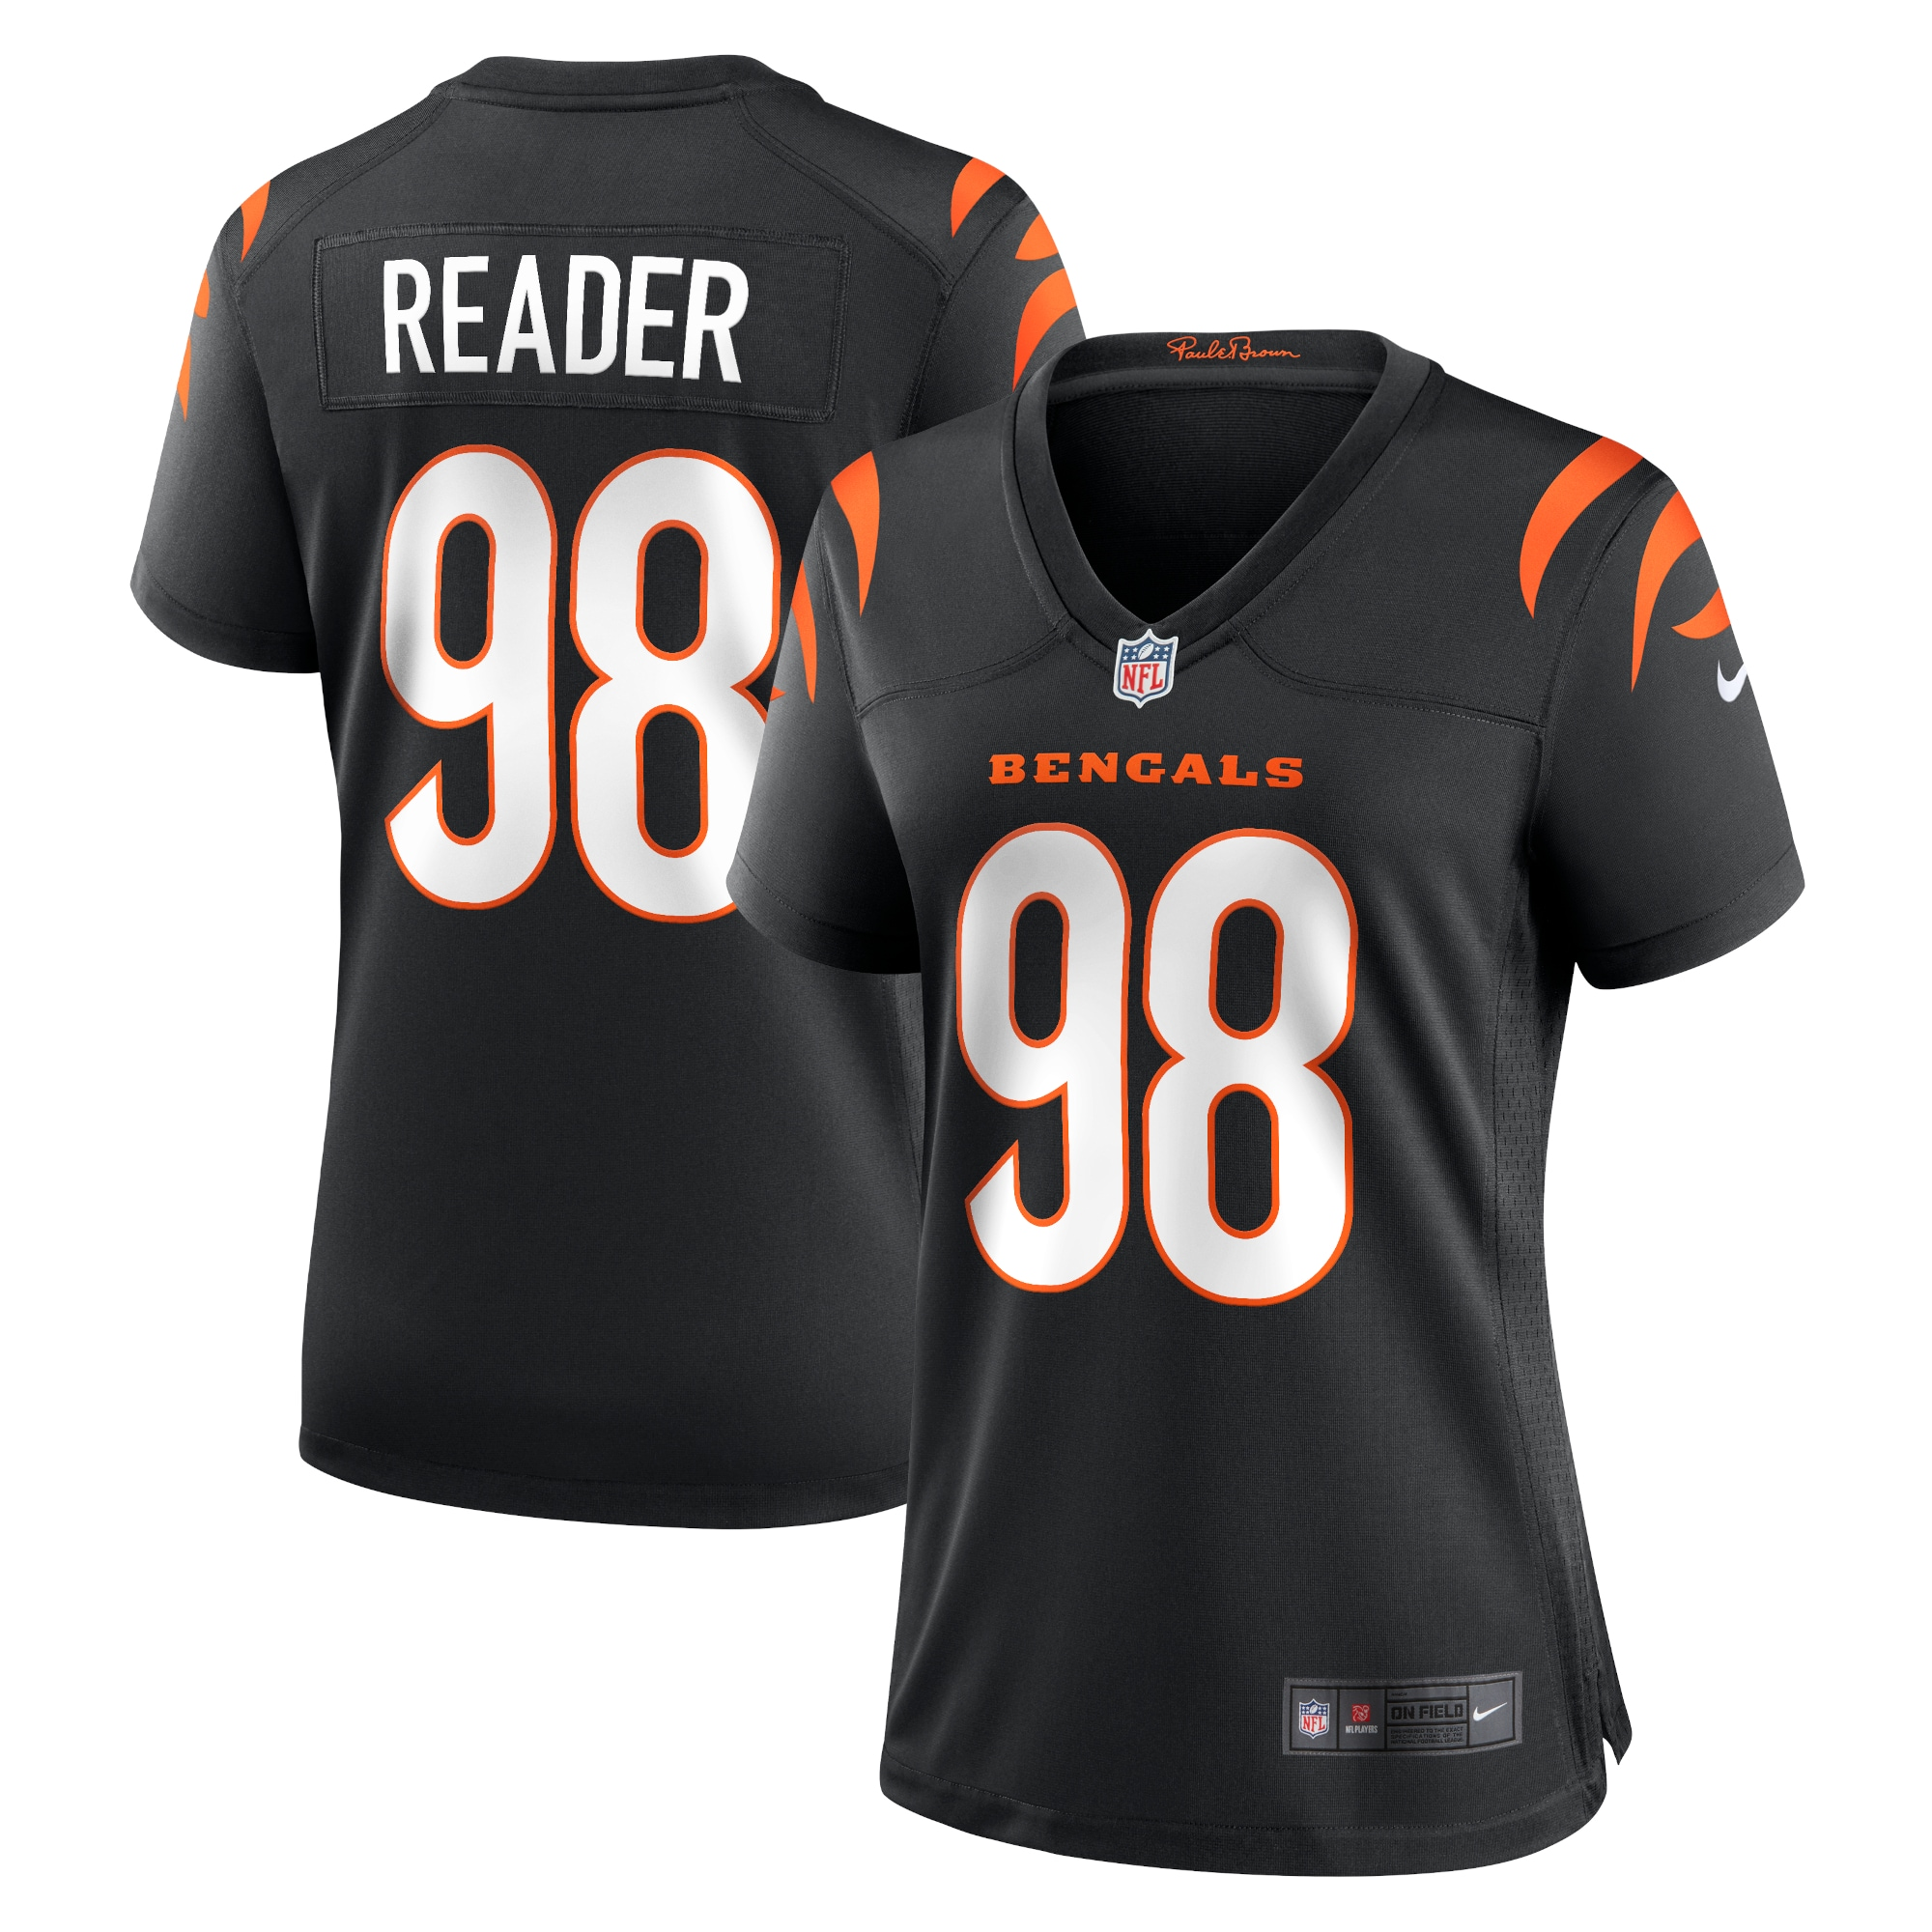 D.J. Reader NFL Jersey